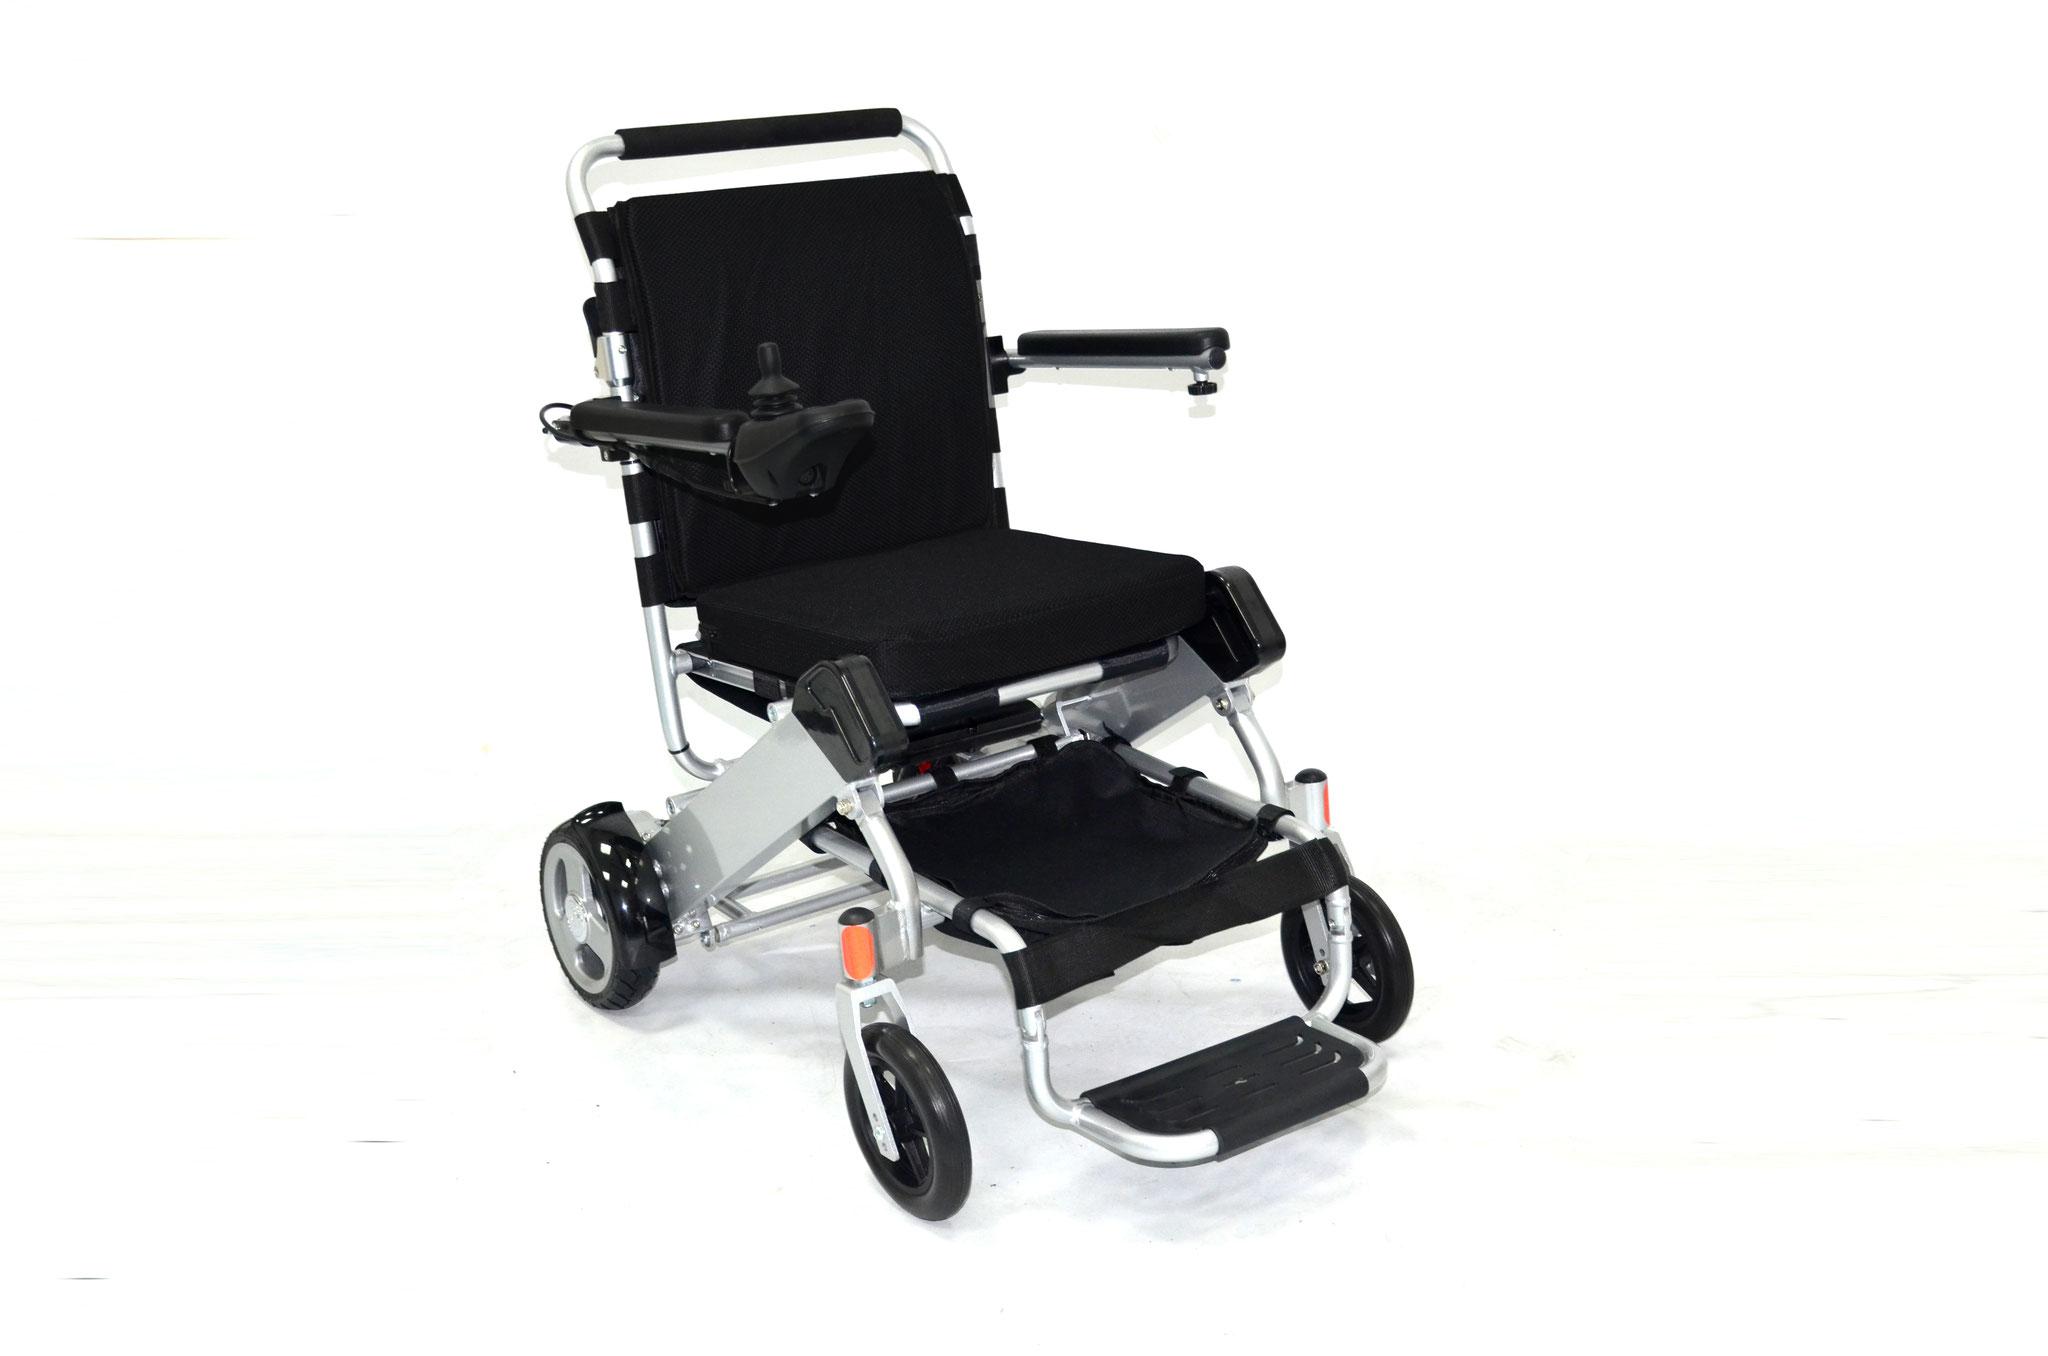 Der E-Rollstuhl ERGOFLIX® M ist mit 21 kg (23 kg mit Batterie) ein wahres Leichtgewicht. Für das geringe Gewicht sorgt die Aluminiumlegierung, aus der die Rahmen gefertigt sind.